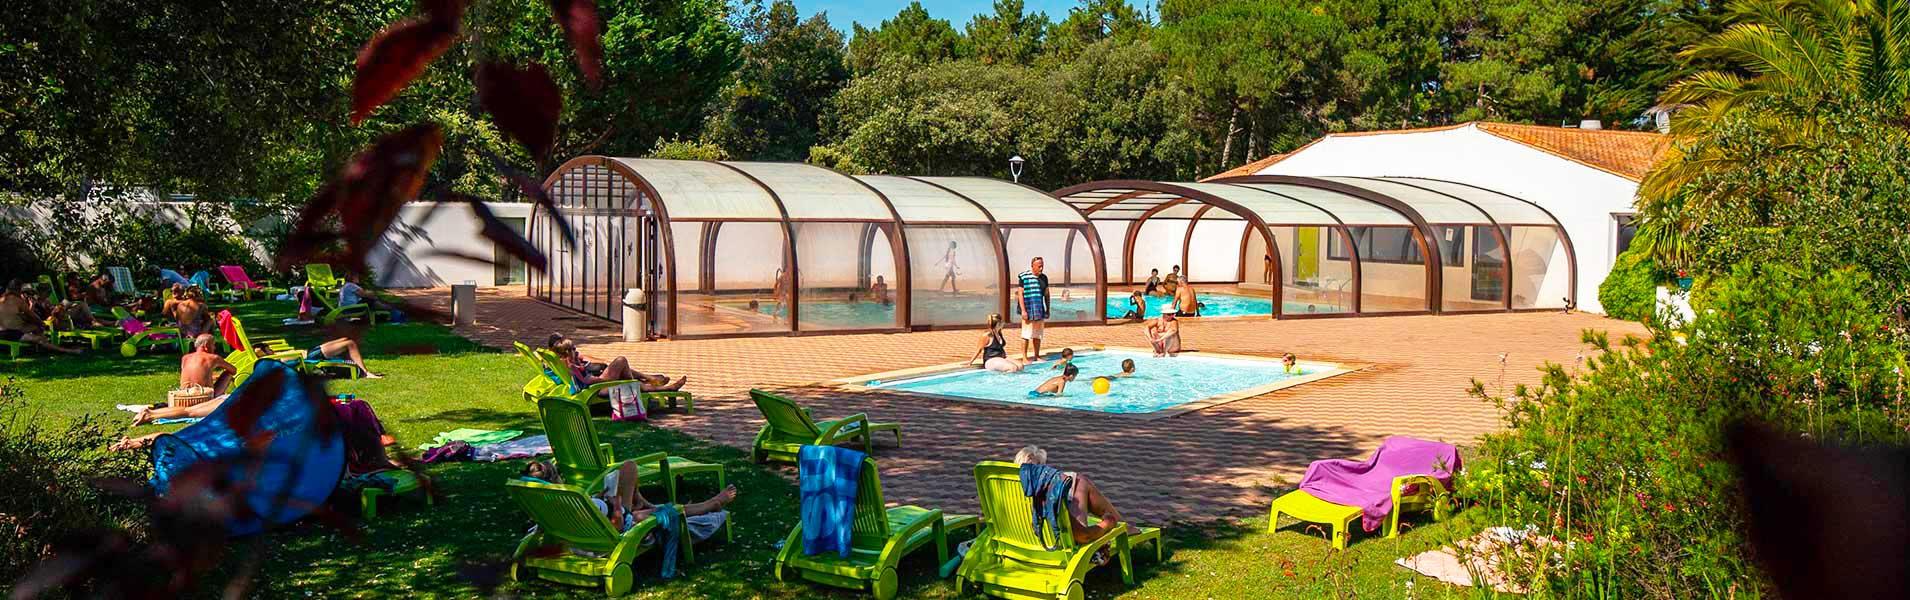 Camping Ile De Ré | La Flotte | 4 Étoiles | Vacances Mobil ... encequiconcerne Camping Ile De Ré Avec Piscine